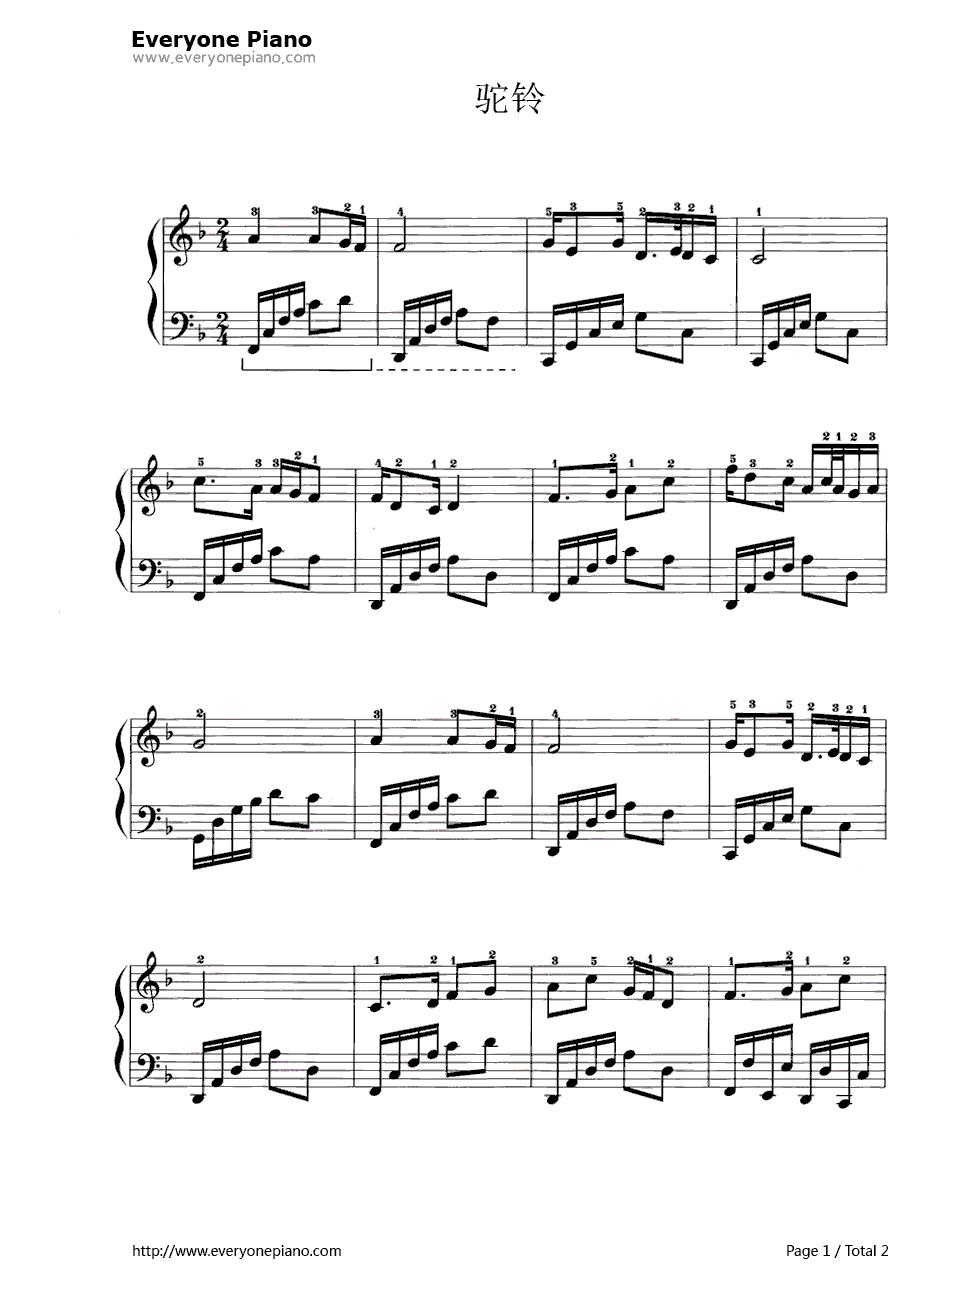 钢琴曲谱 流行 驼铃 驼铃五线谱预览1  }  仅供学习交流使用!